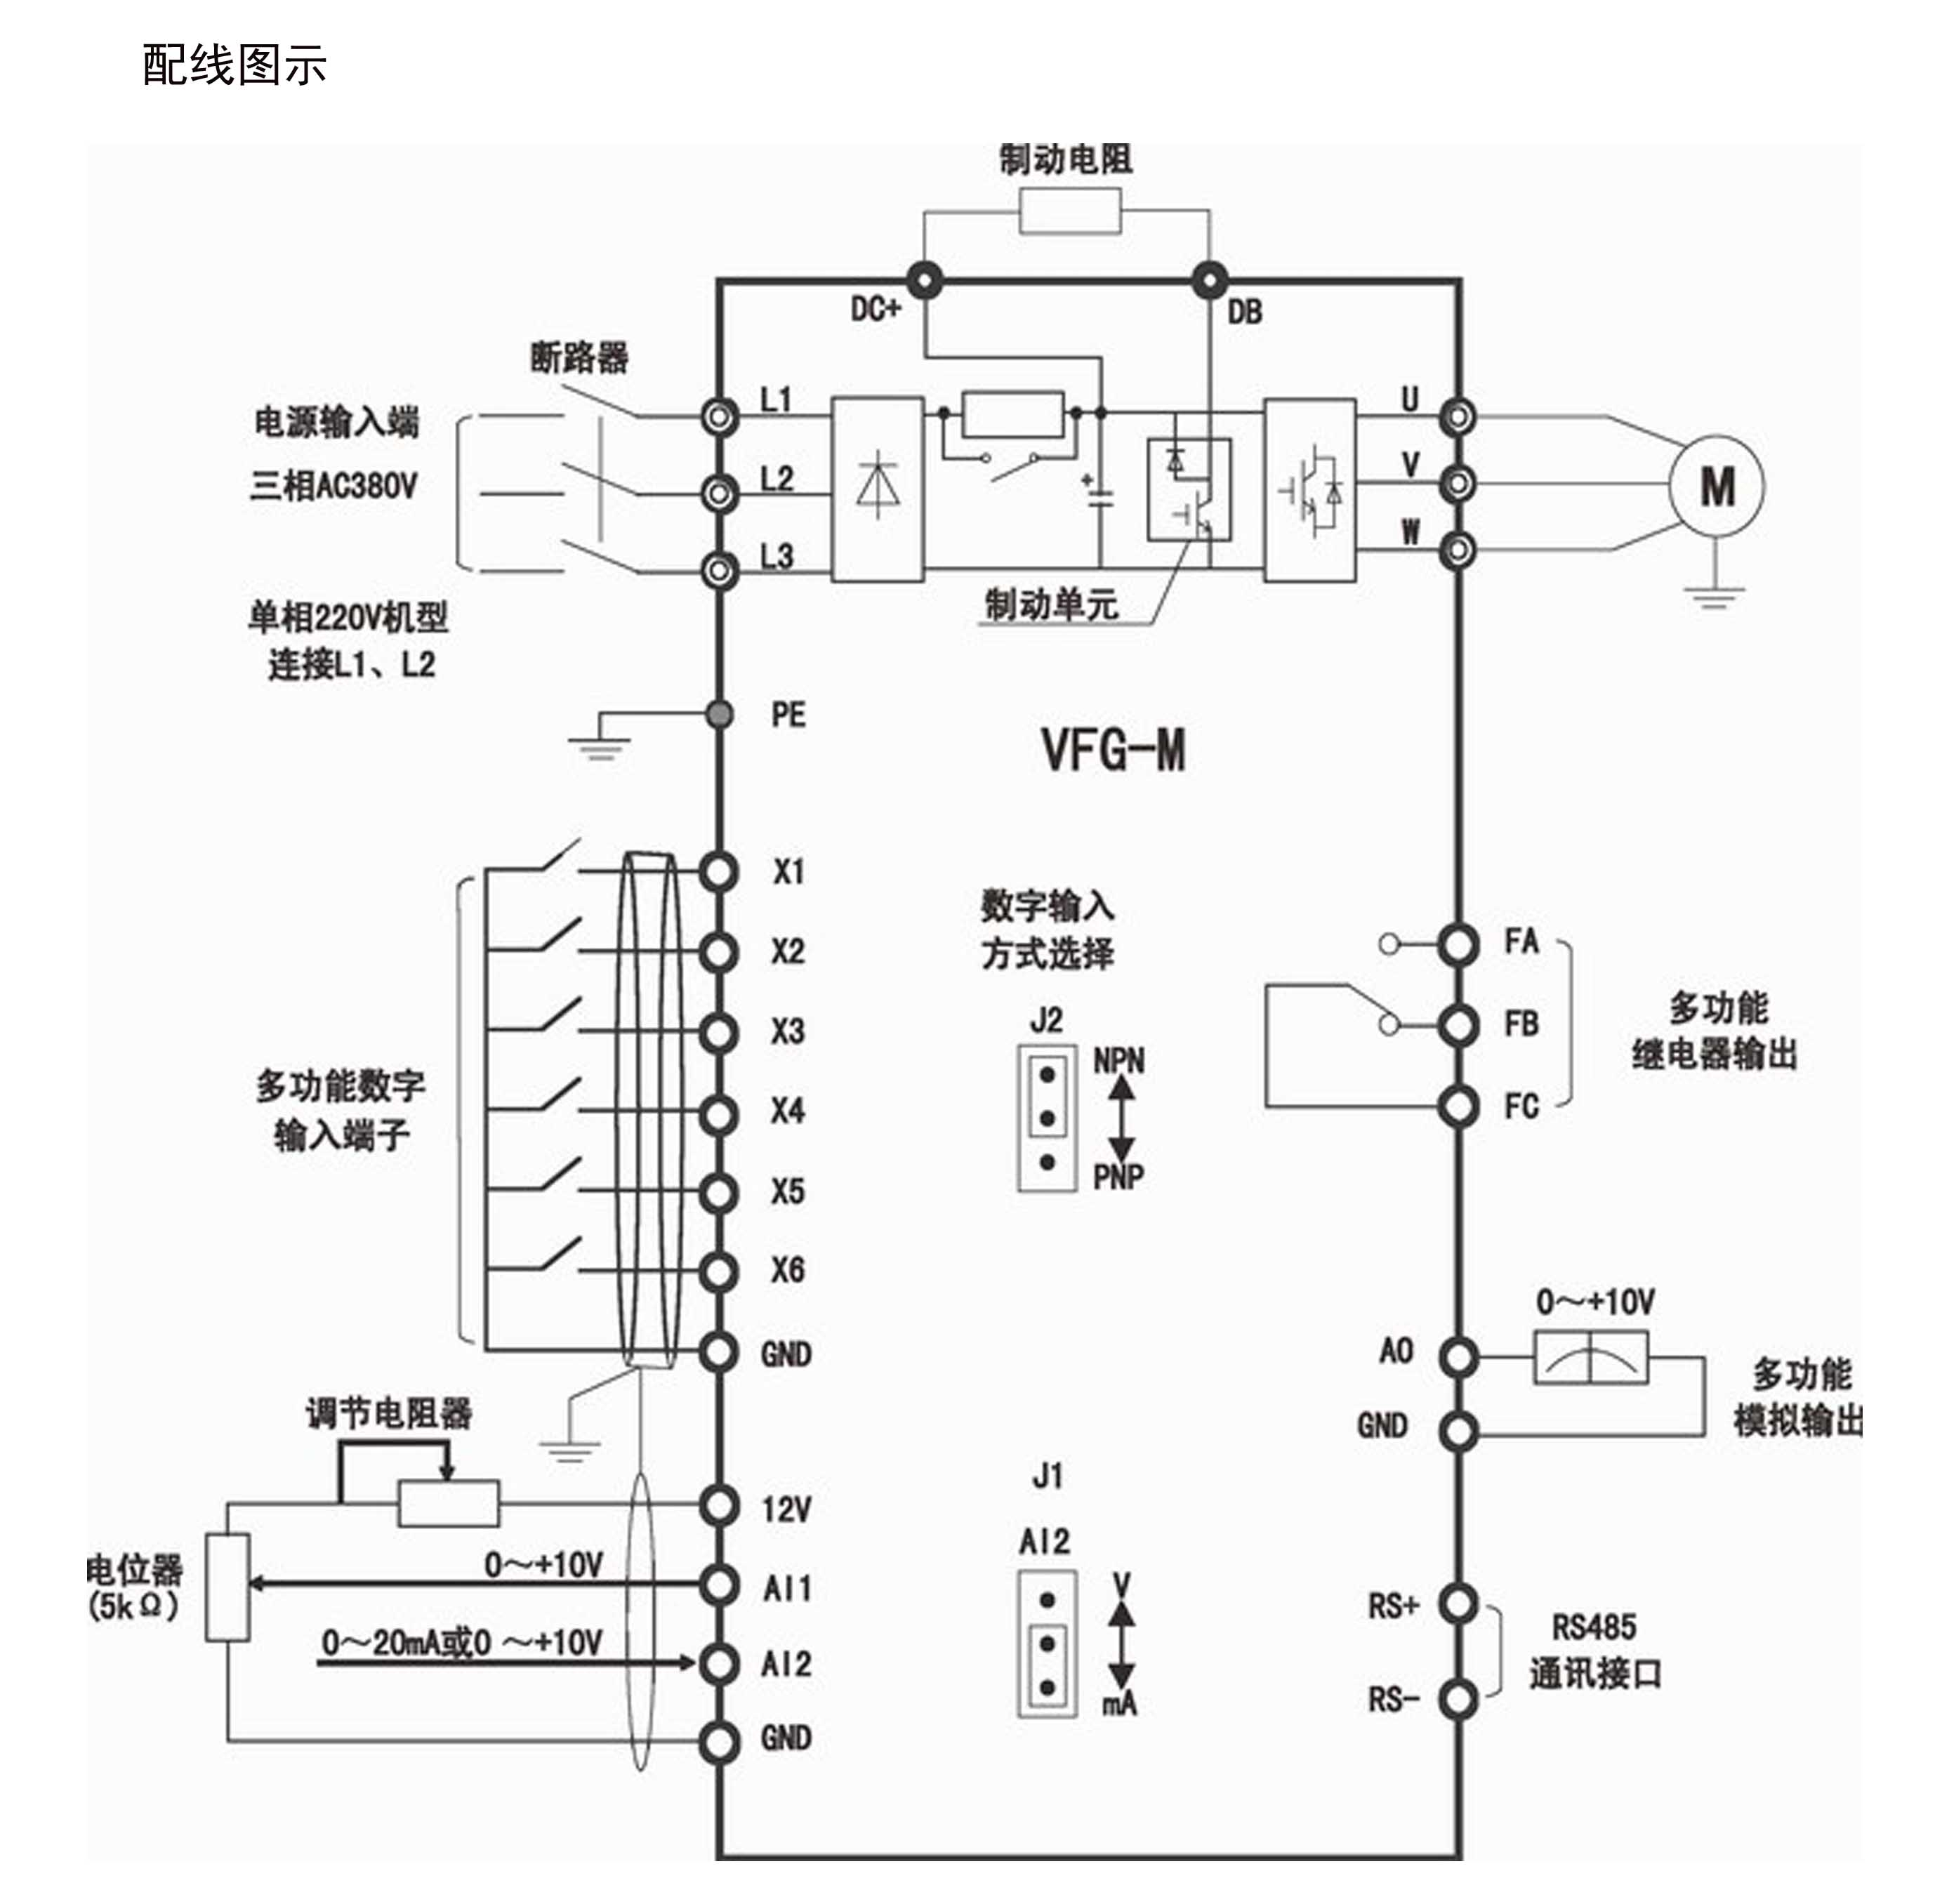 本系列采高效率散热设计,可并排安装,搭配铝轨安装,更节省空间,内置市场应用最广泛的功能,提供业界更多 应用的选择。 产品特色:  输出频率0.1~600Hz  3点任意 V/F 曲线  内置PID回授控制  RFI-switch 应用于非接地电源系统  内置EMI 滤波器 (230V 1 phase and 460V 3 phase机种)  采用RS-485通信界面(RJ-45),标准Modbus通讯协议  多样化通讯模块,支持多种通讯协议,如Profibus,DeviceNet,LonWo